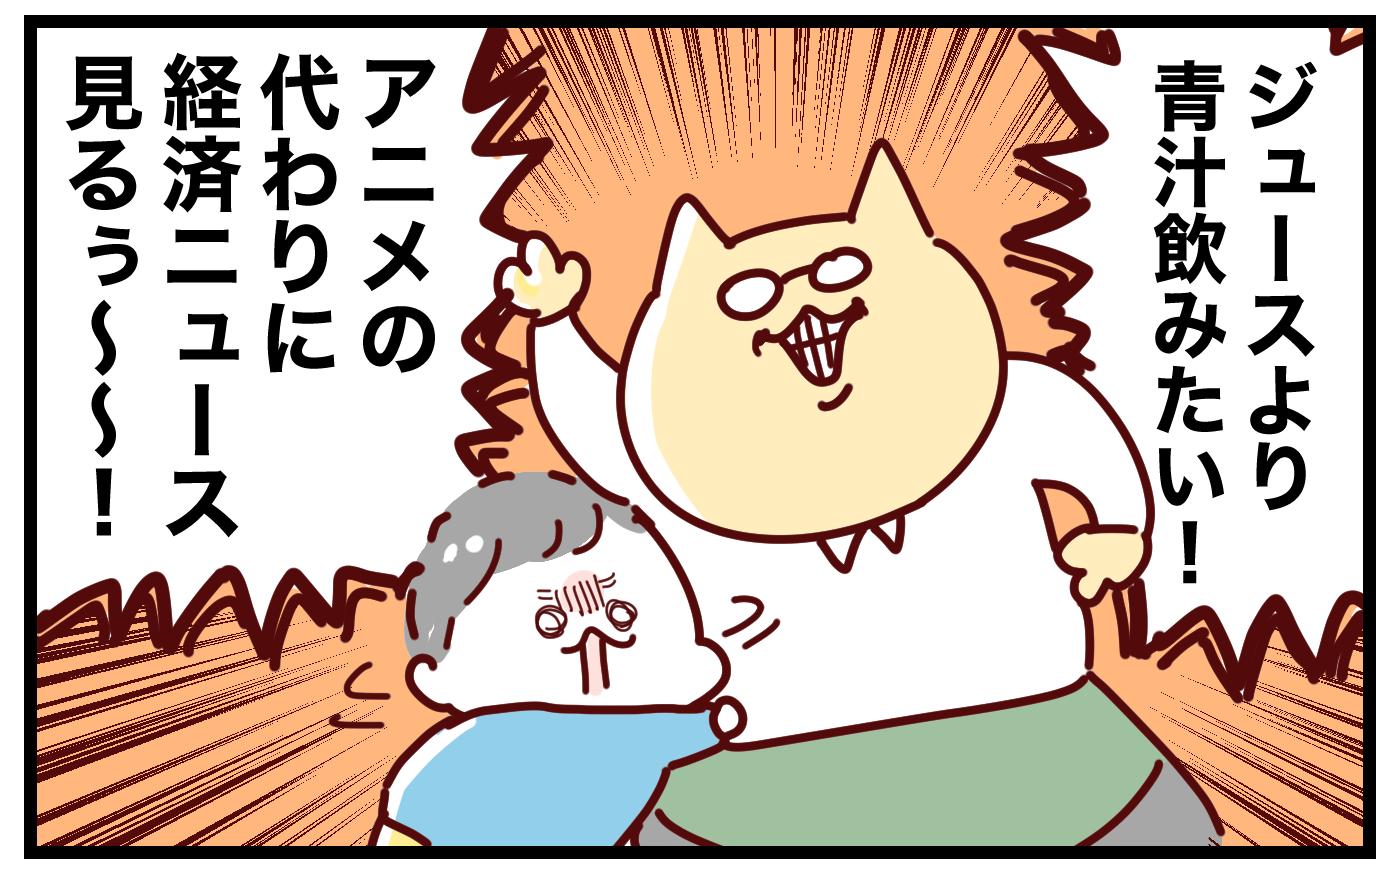 姉演じる偽者の暴走は止まらない…ッ!!